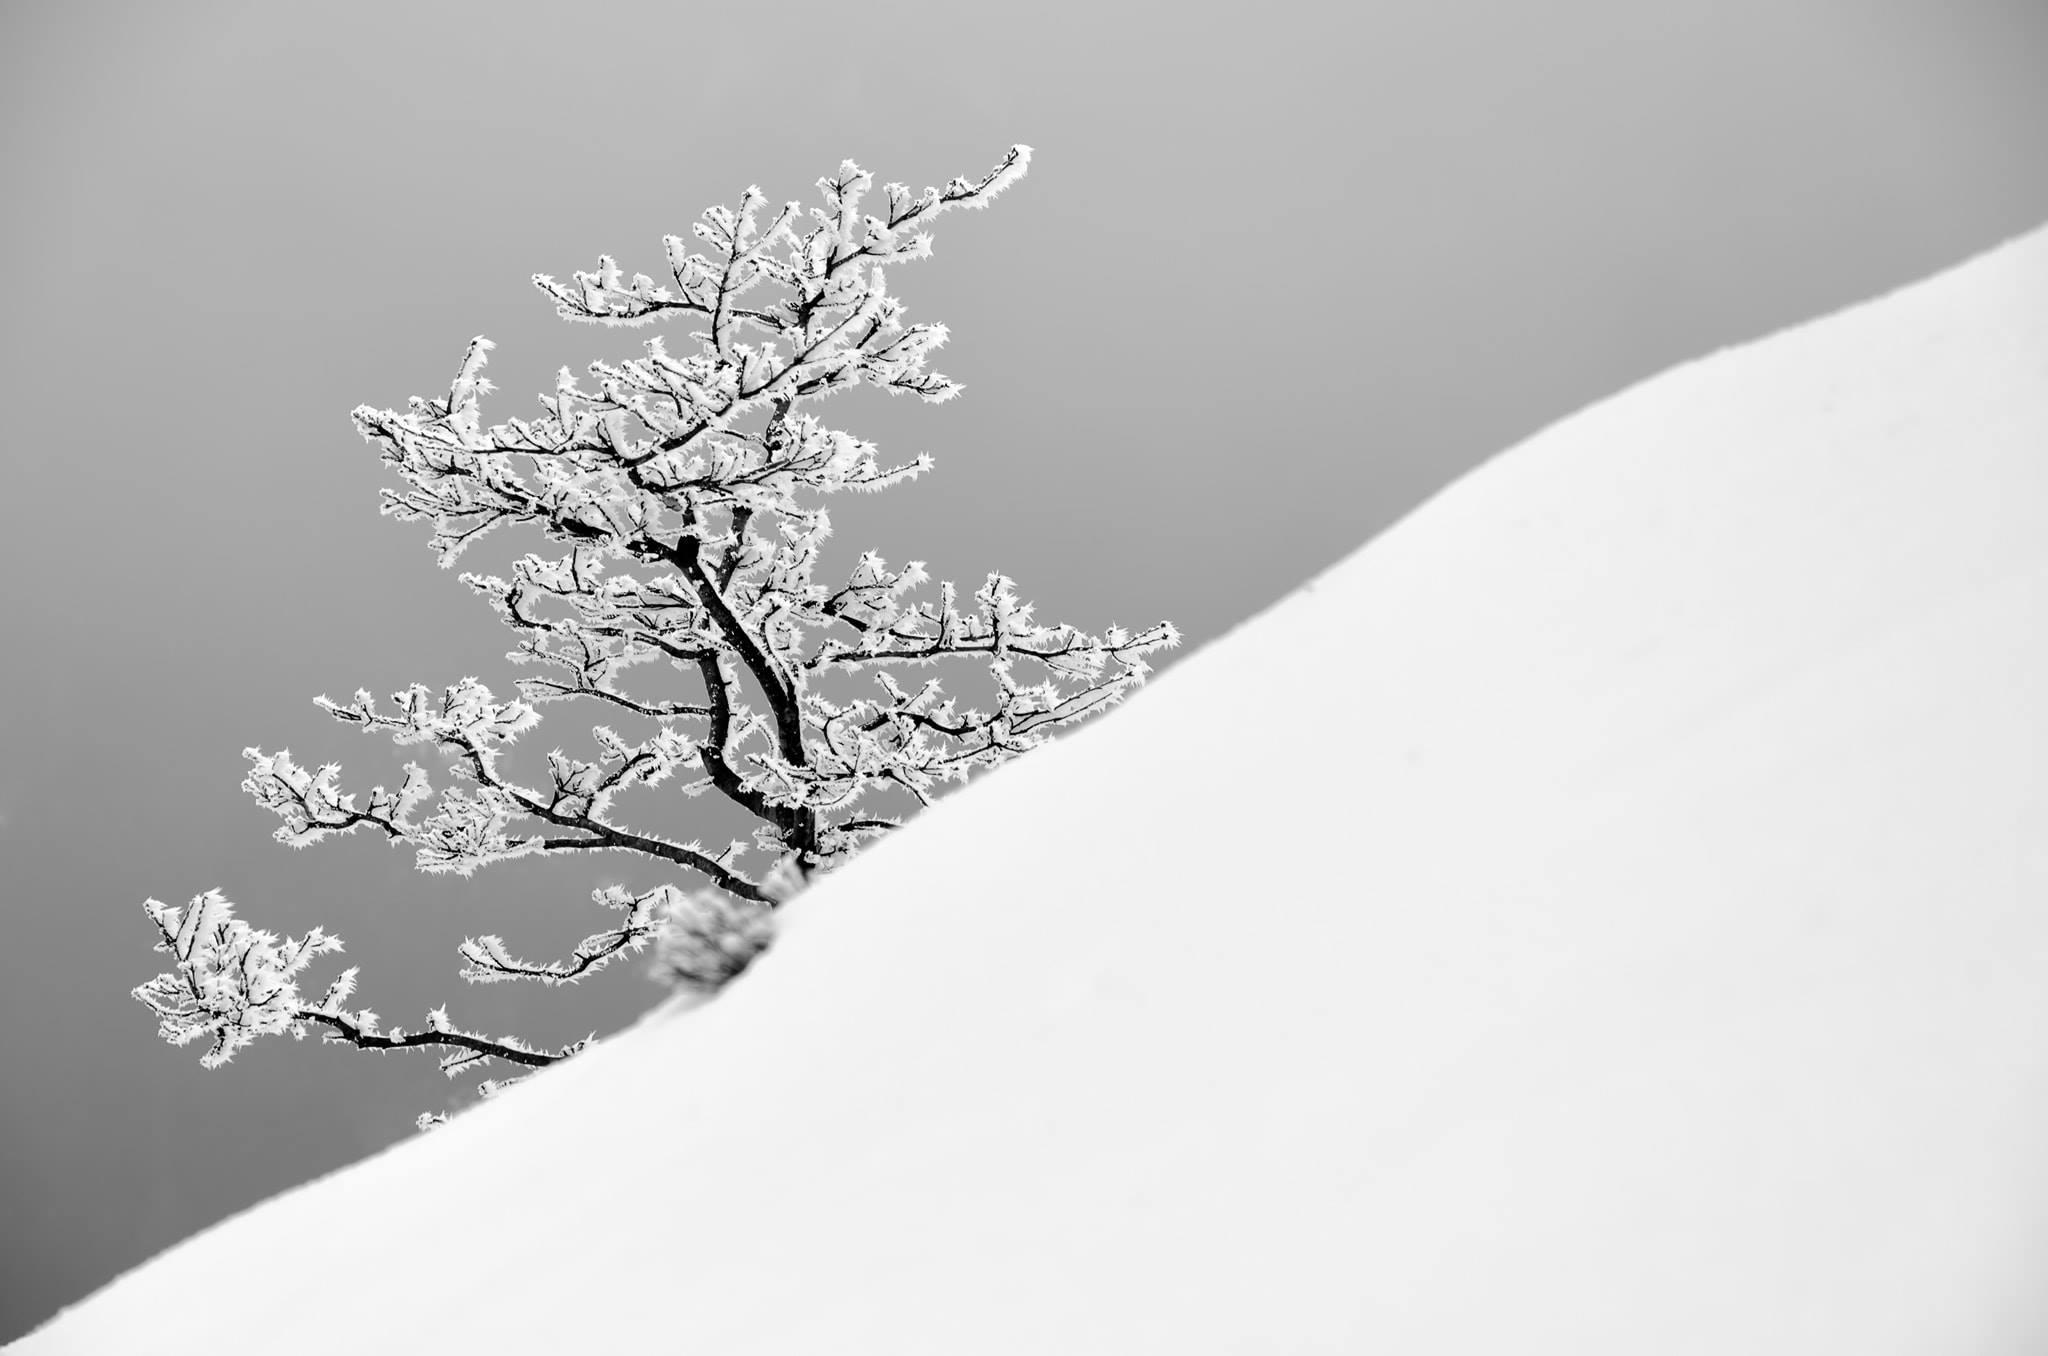 Vítězná fotografie 10. kola soutěže Fotka měsíce Nikonblogu 2019 | Tree | Foto Robert Průcha